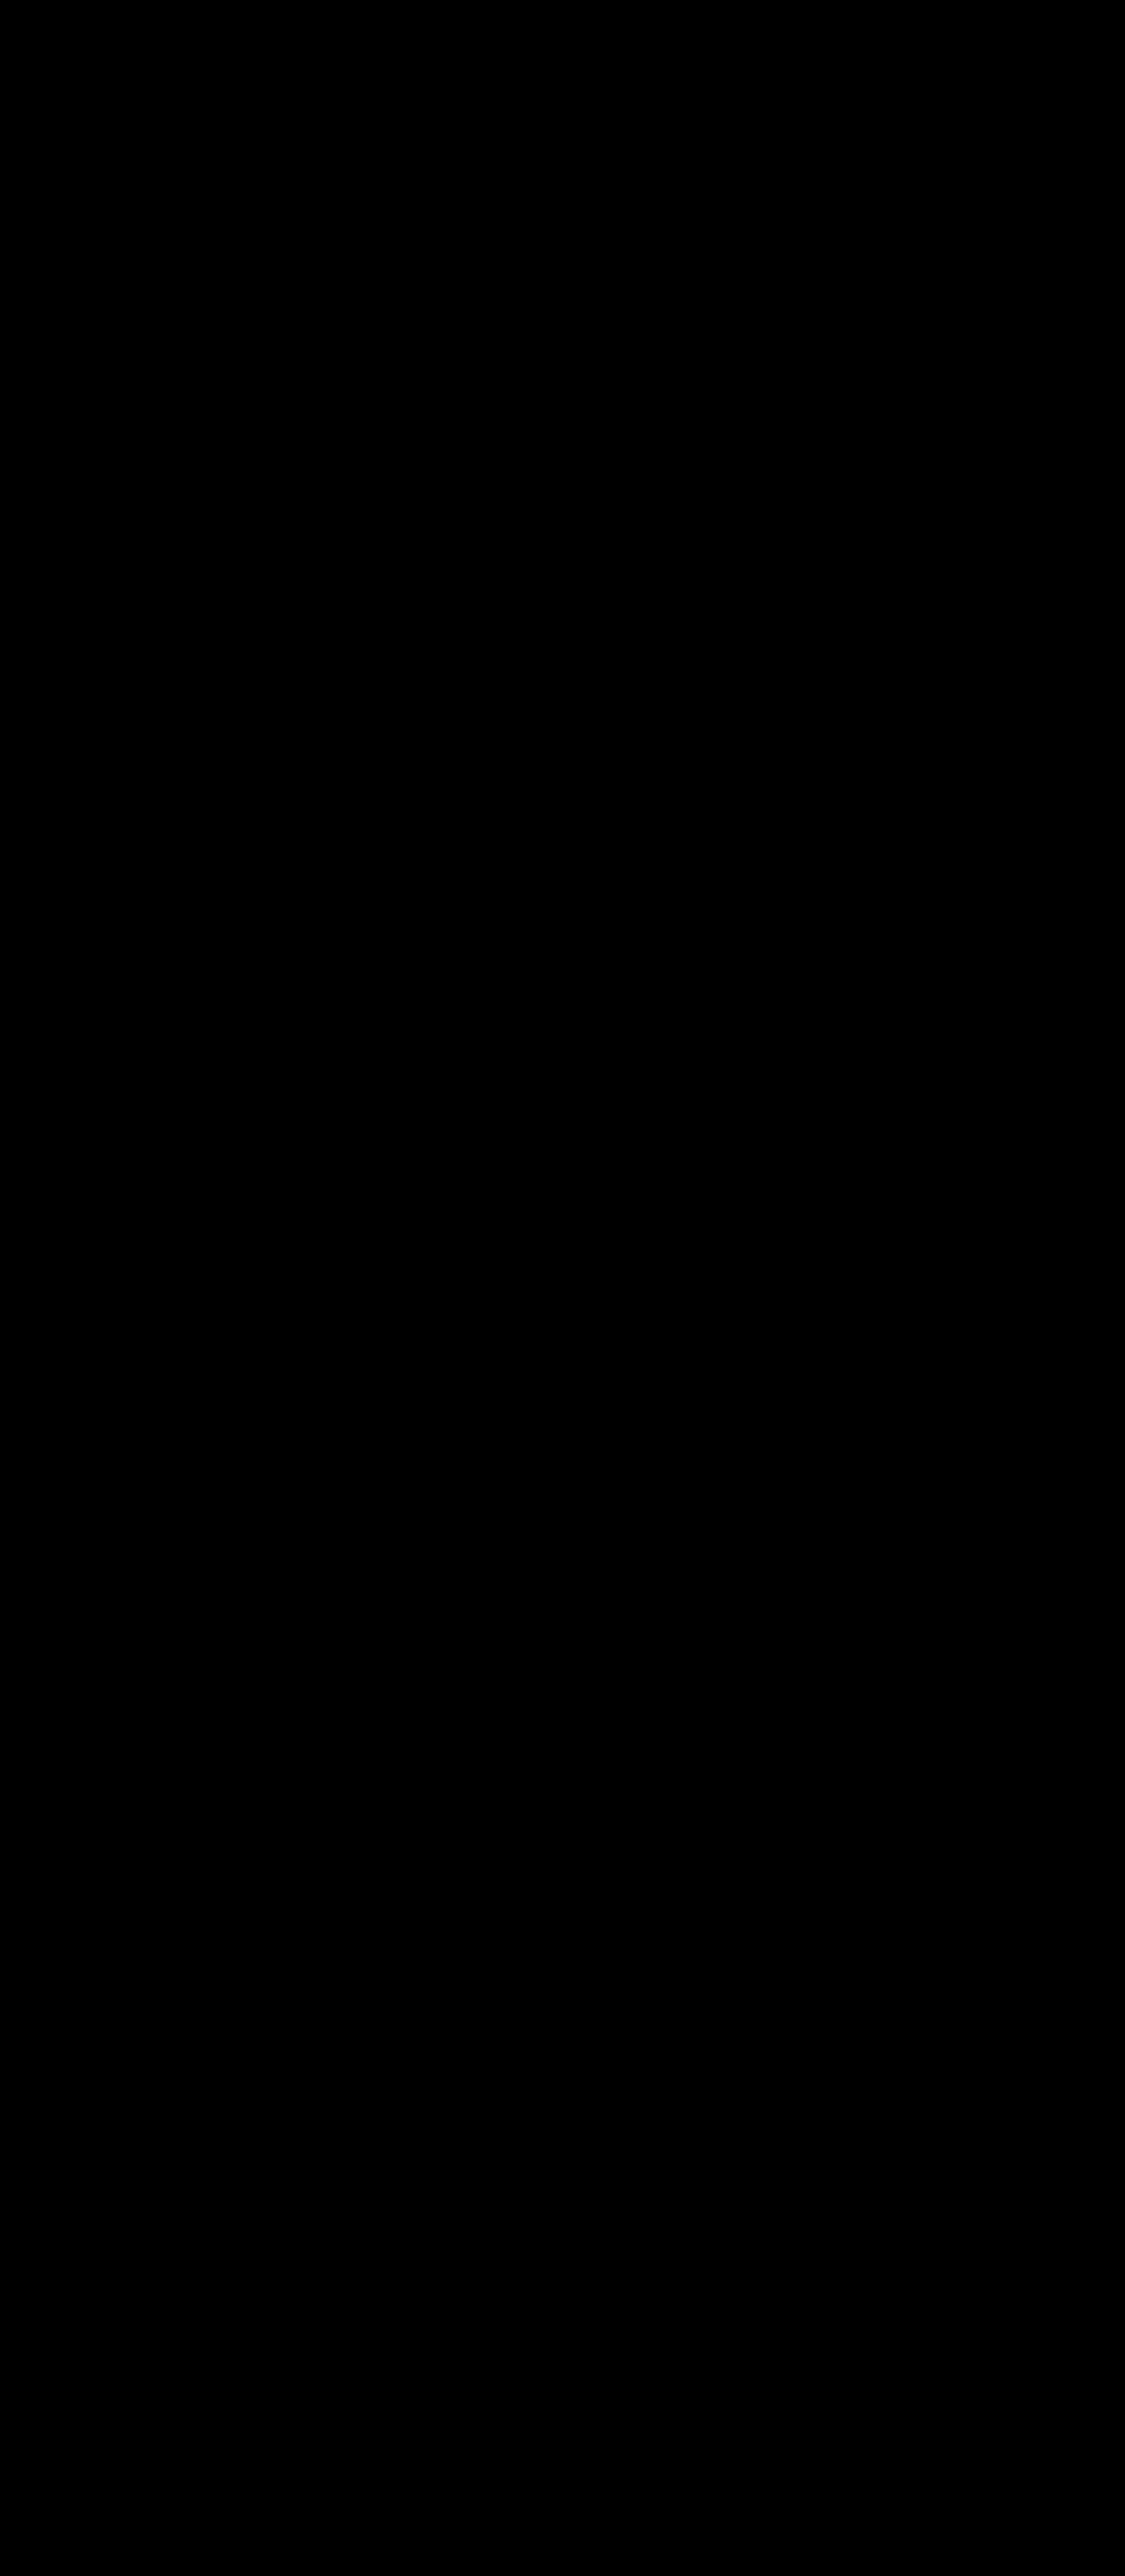 hyalripayer együttes kezelésre